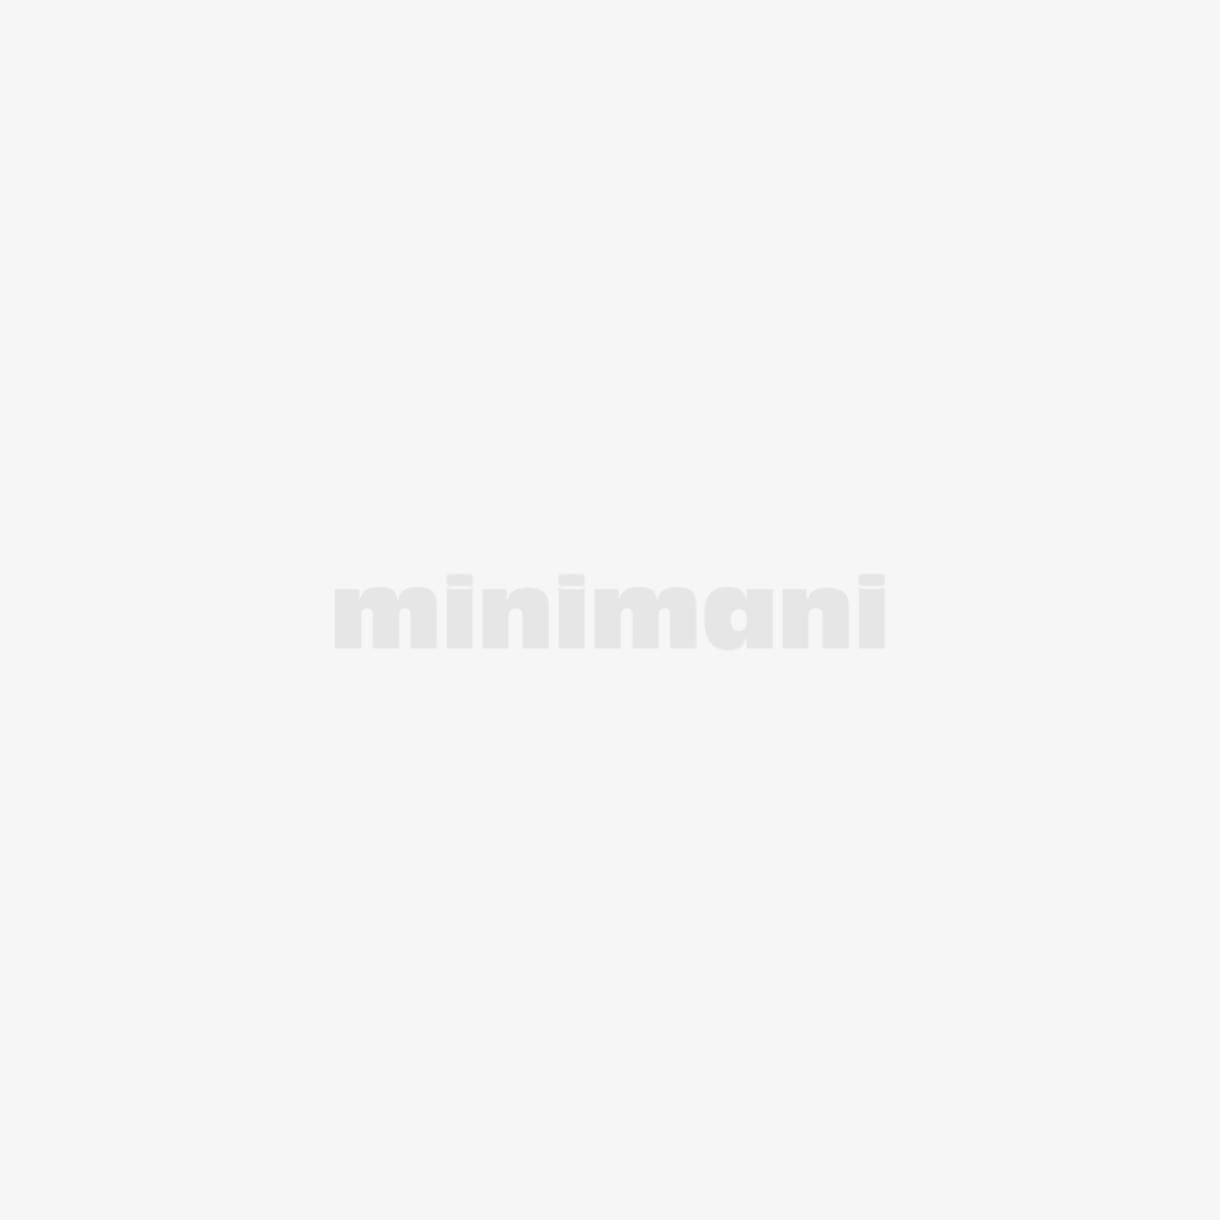 TAIKA METALLIPURKKI  128X195MM